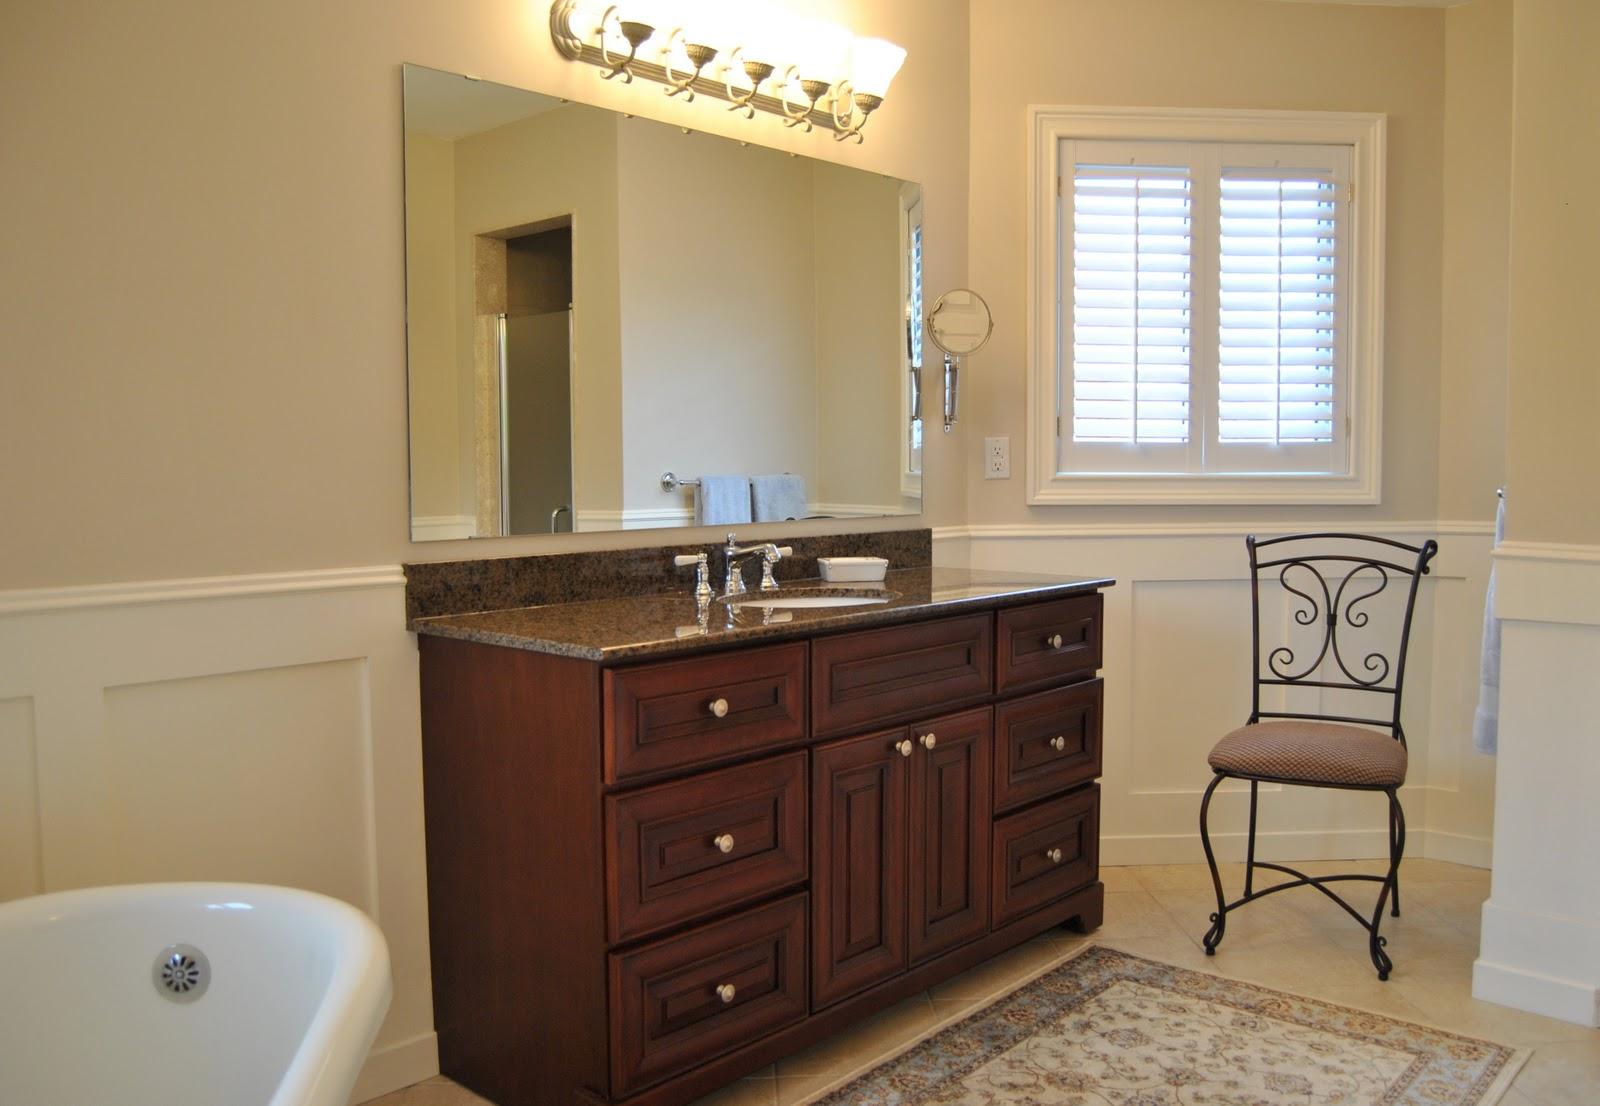 http://1.bp.blogspot.com/-GBLtq5pgFfs/TZC3FA79plI/AAAAAAAAAVM/wiQJ1SKdh90/s1600/Vanity+Chair+1.JPG